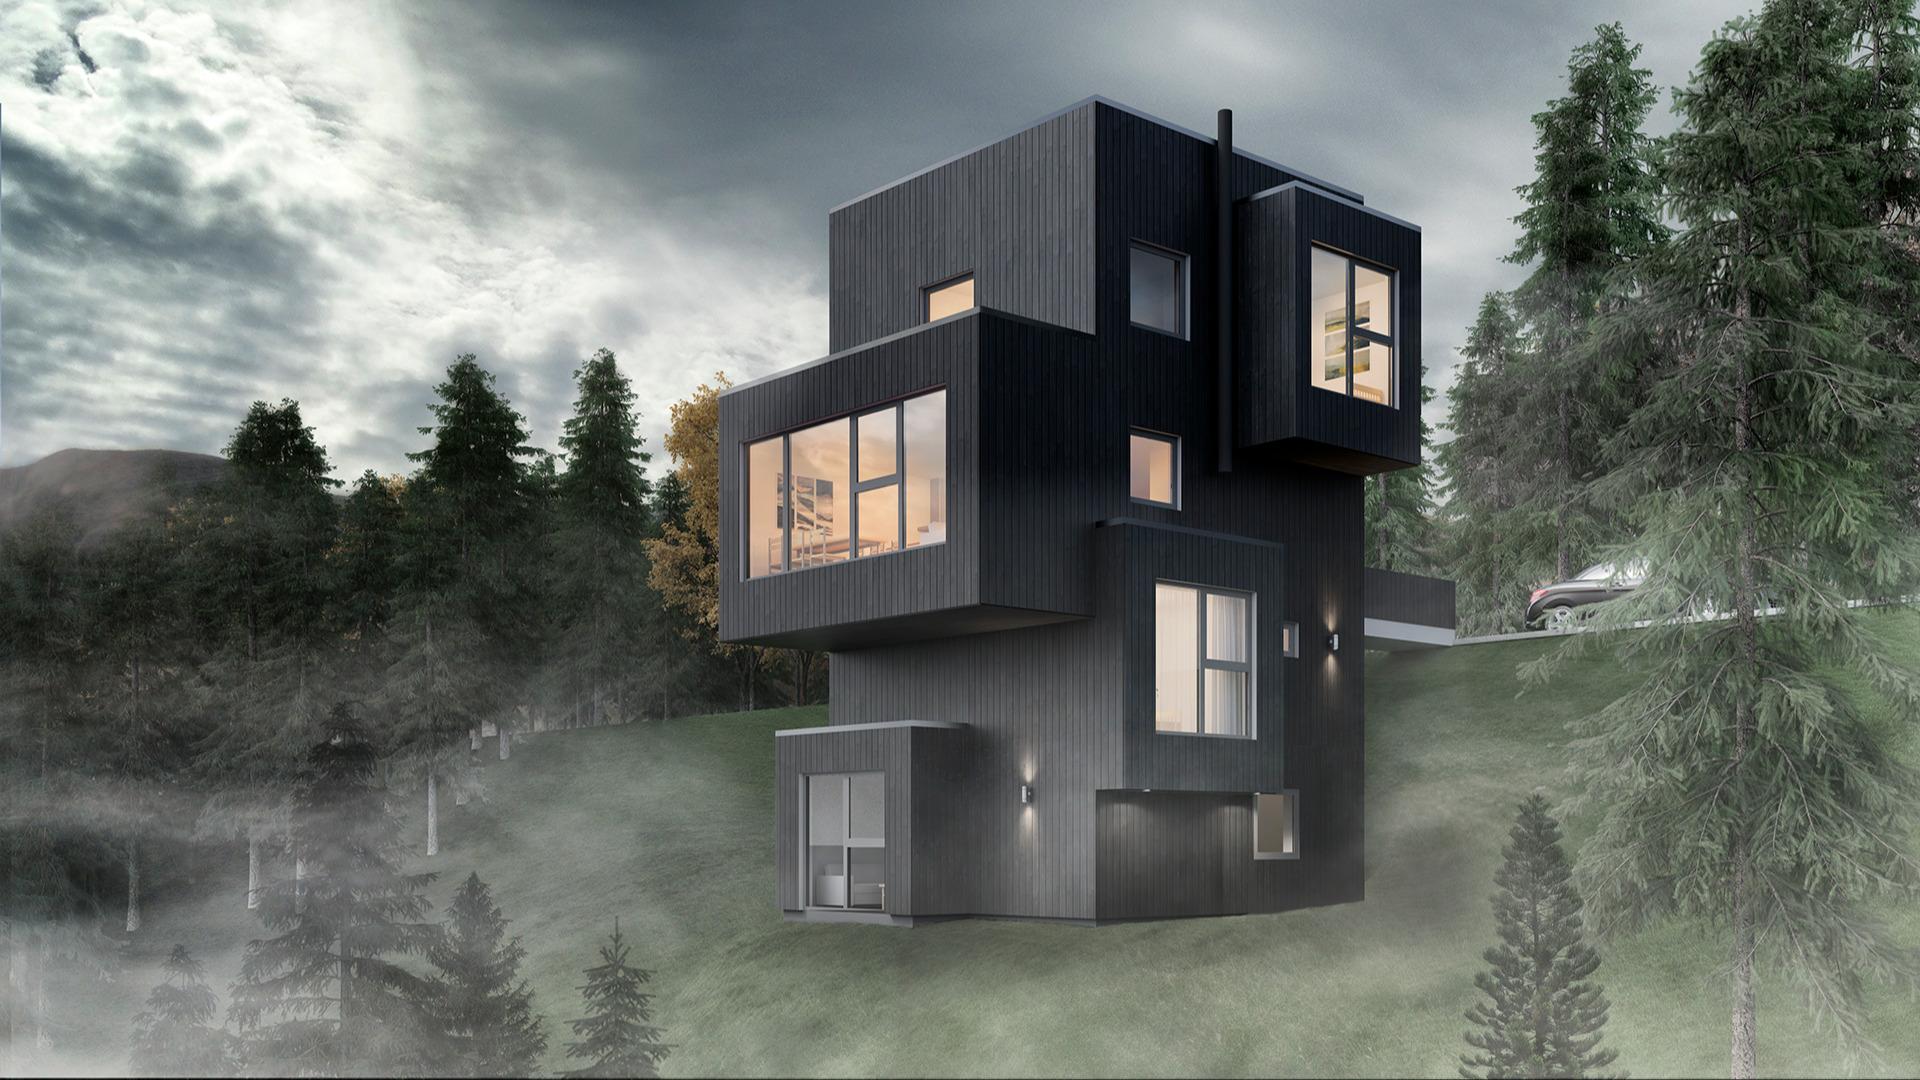 Felles for etasjene er de store vindusflatene, som vil gi deg romopplevelser helt utenom det vanlige.